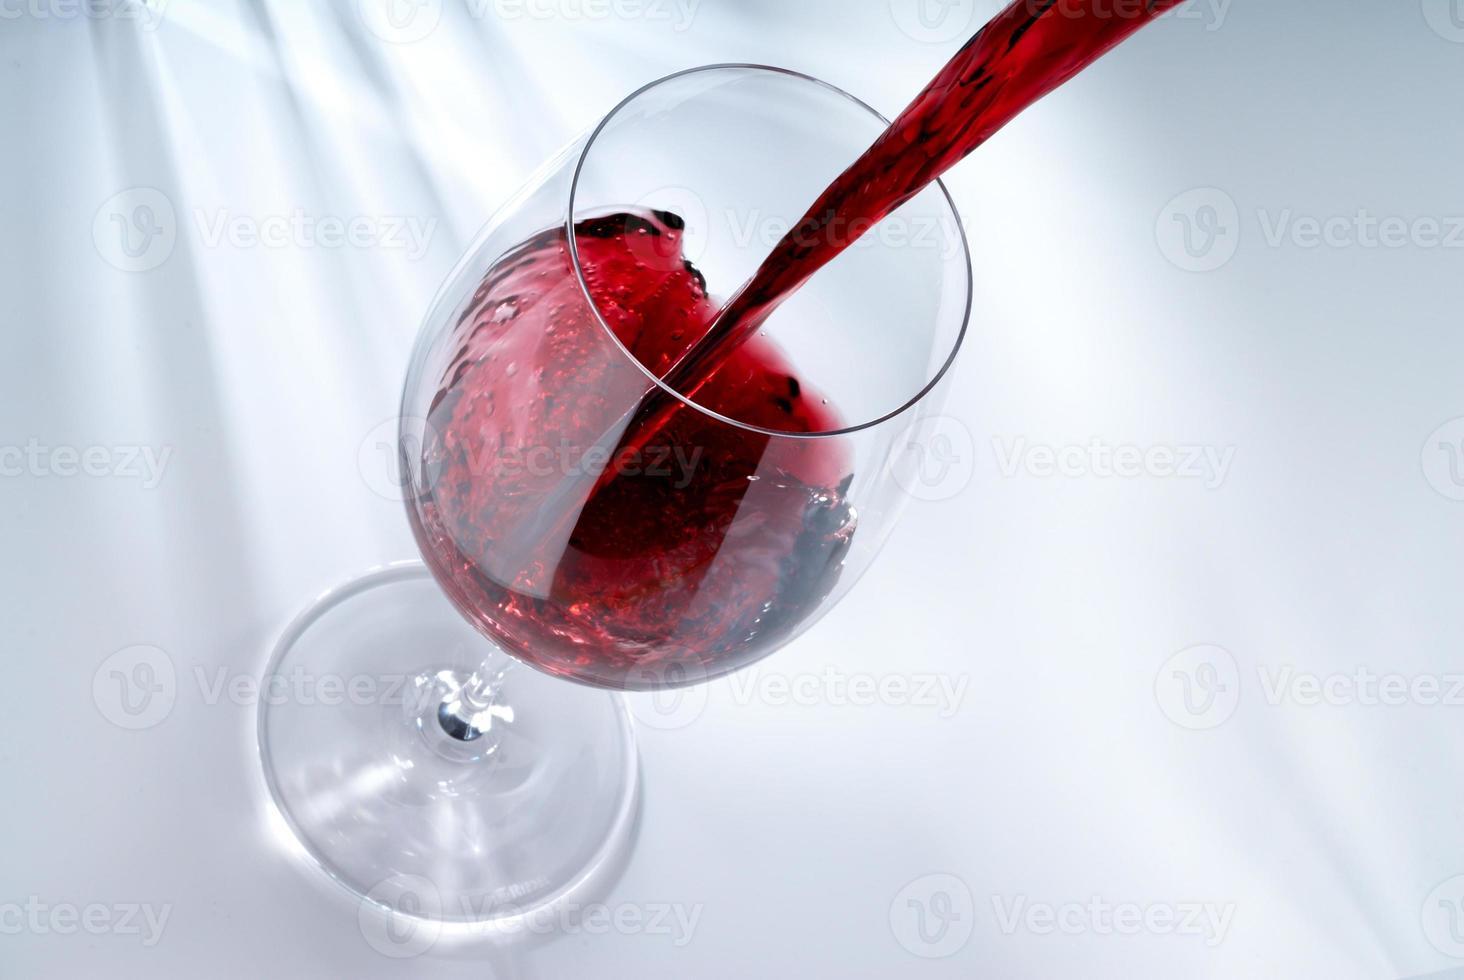 servindo vinho tinto em um copo foto